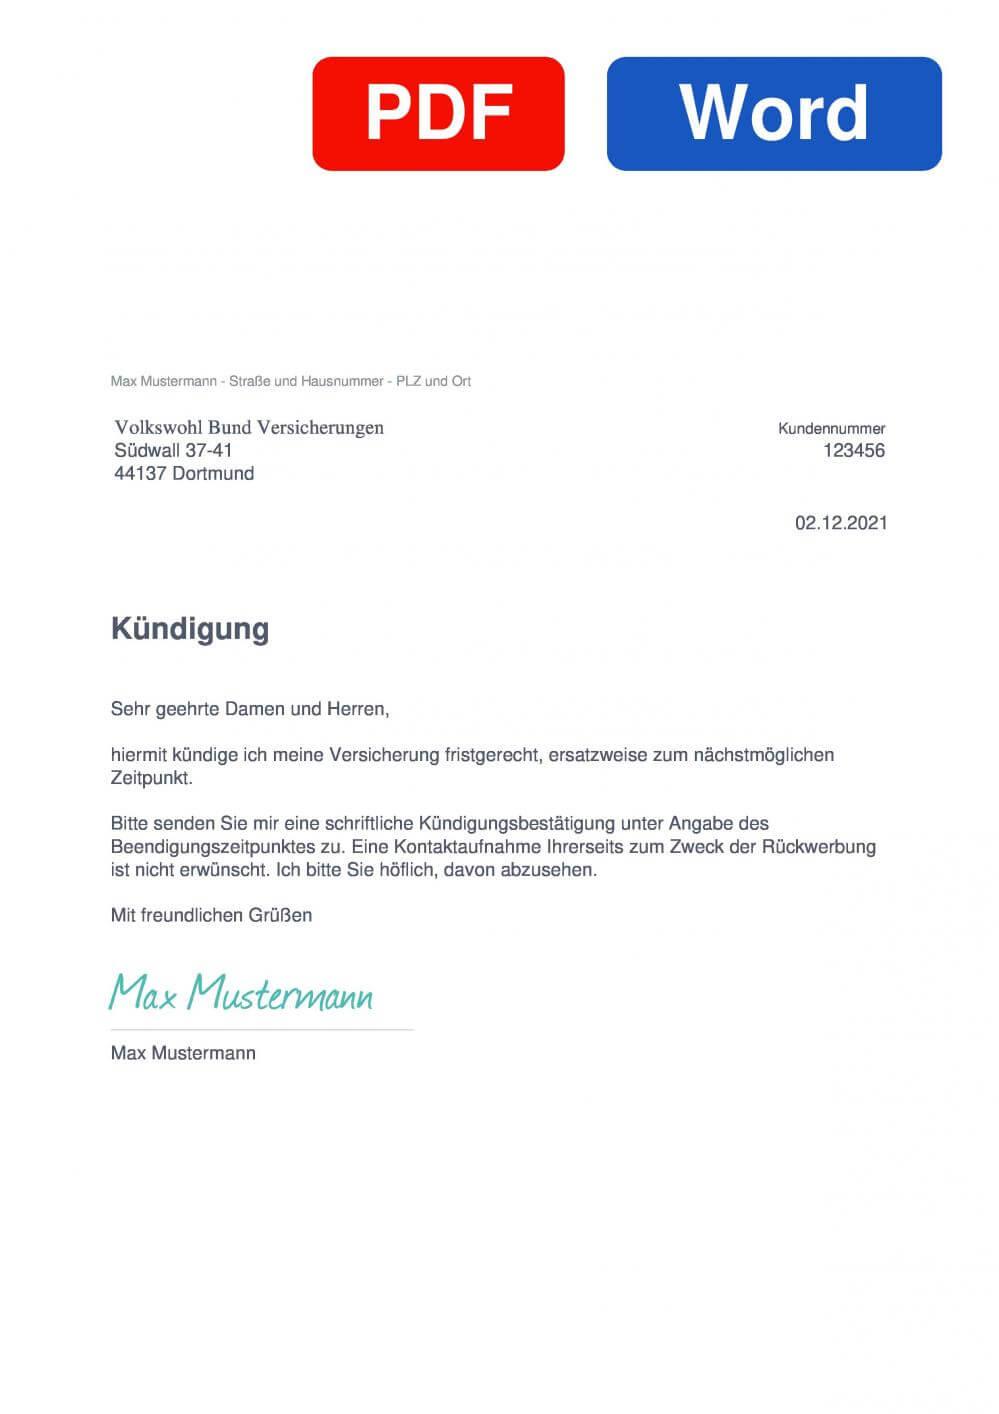 Volkswohl-Bund Haftpflichtversicherung Muster Vorlage für Kündigungsschreiben